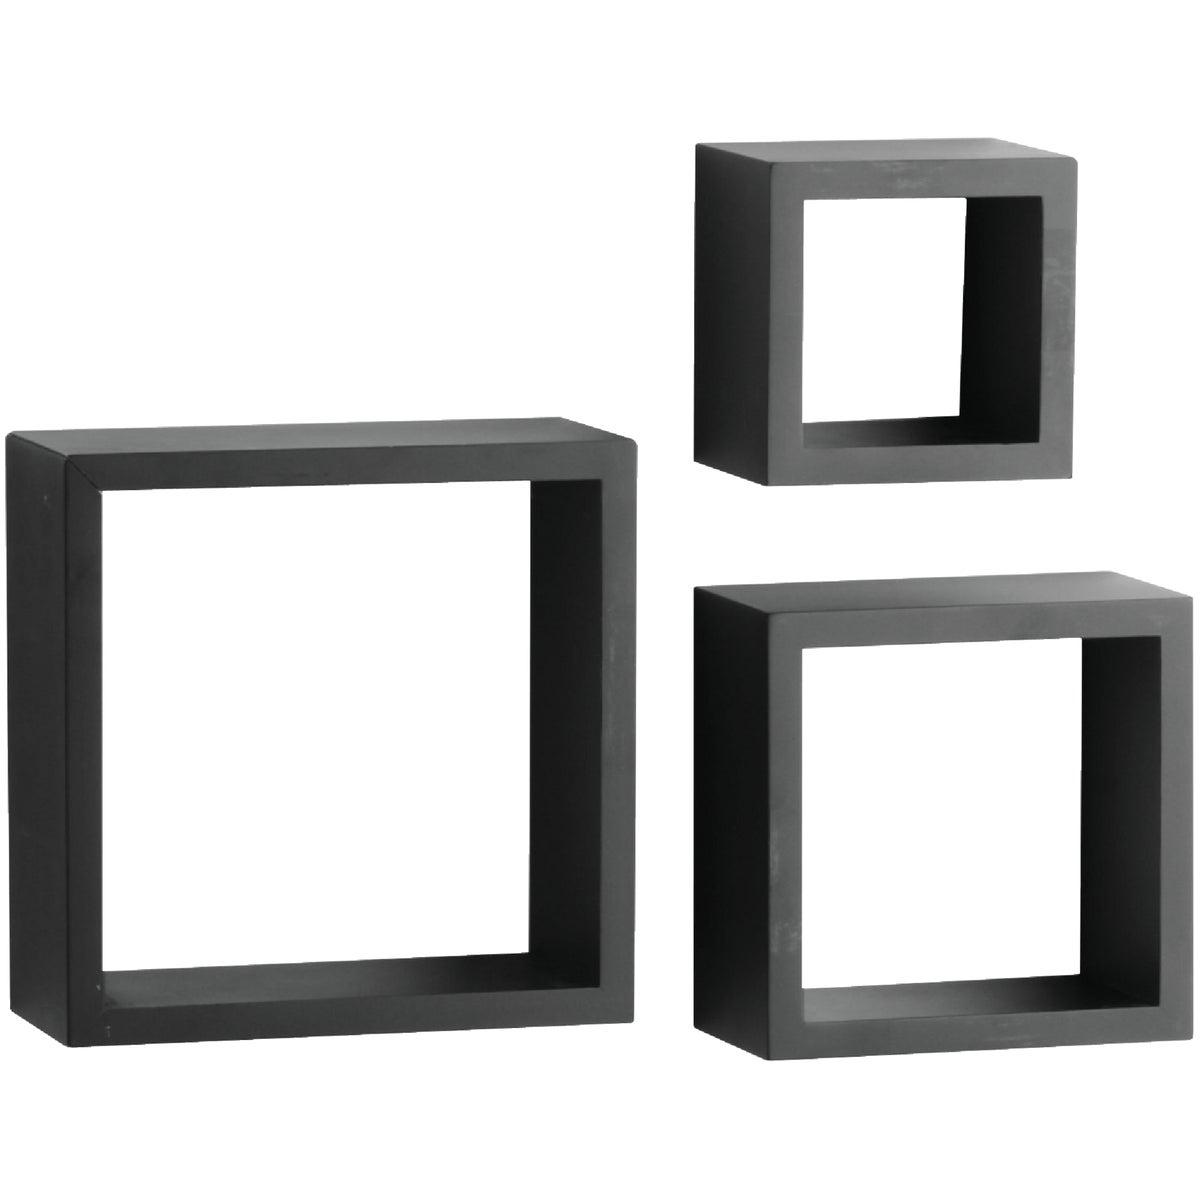 3PC BLACK SHADOW BOX SET